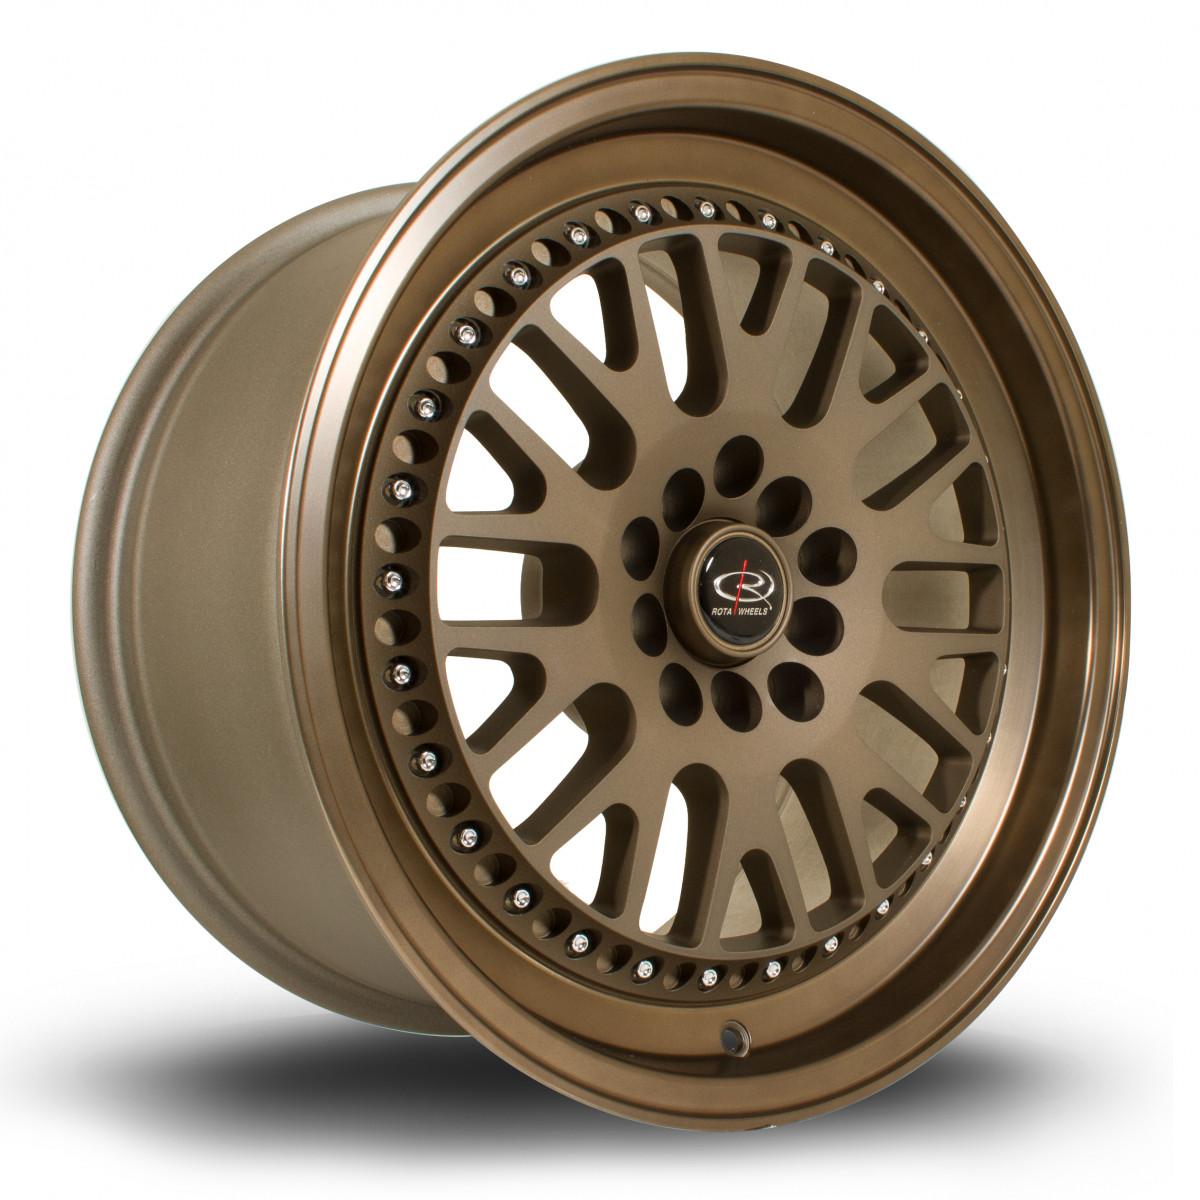 Flush 17x9.5 5x114 ET25 Speed Bronze